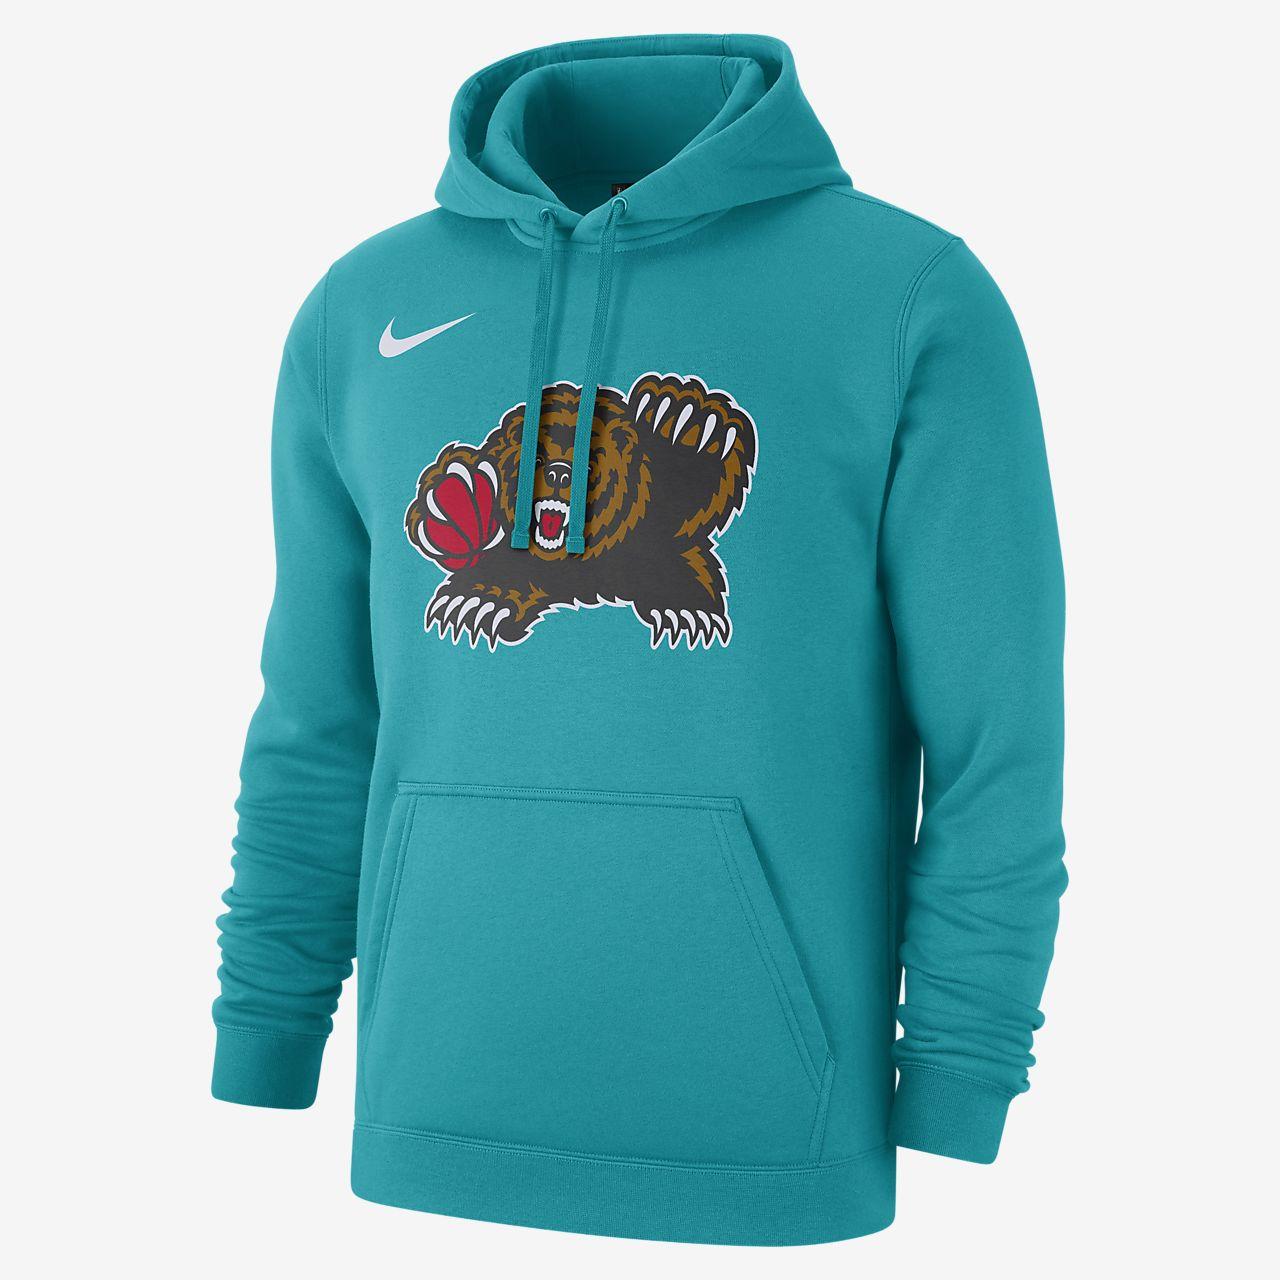 孟菲斯灰熊队 Classic Edition Nike NBA 男子连帽衫